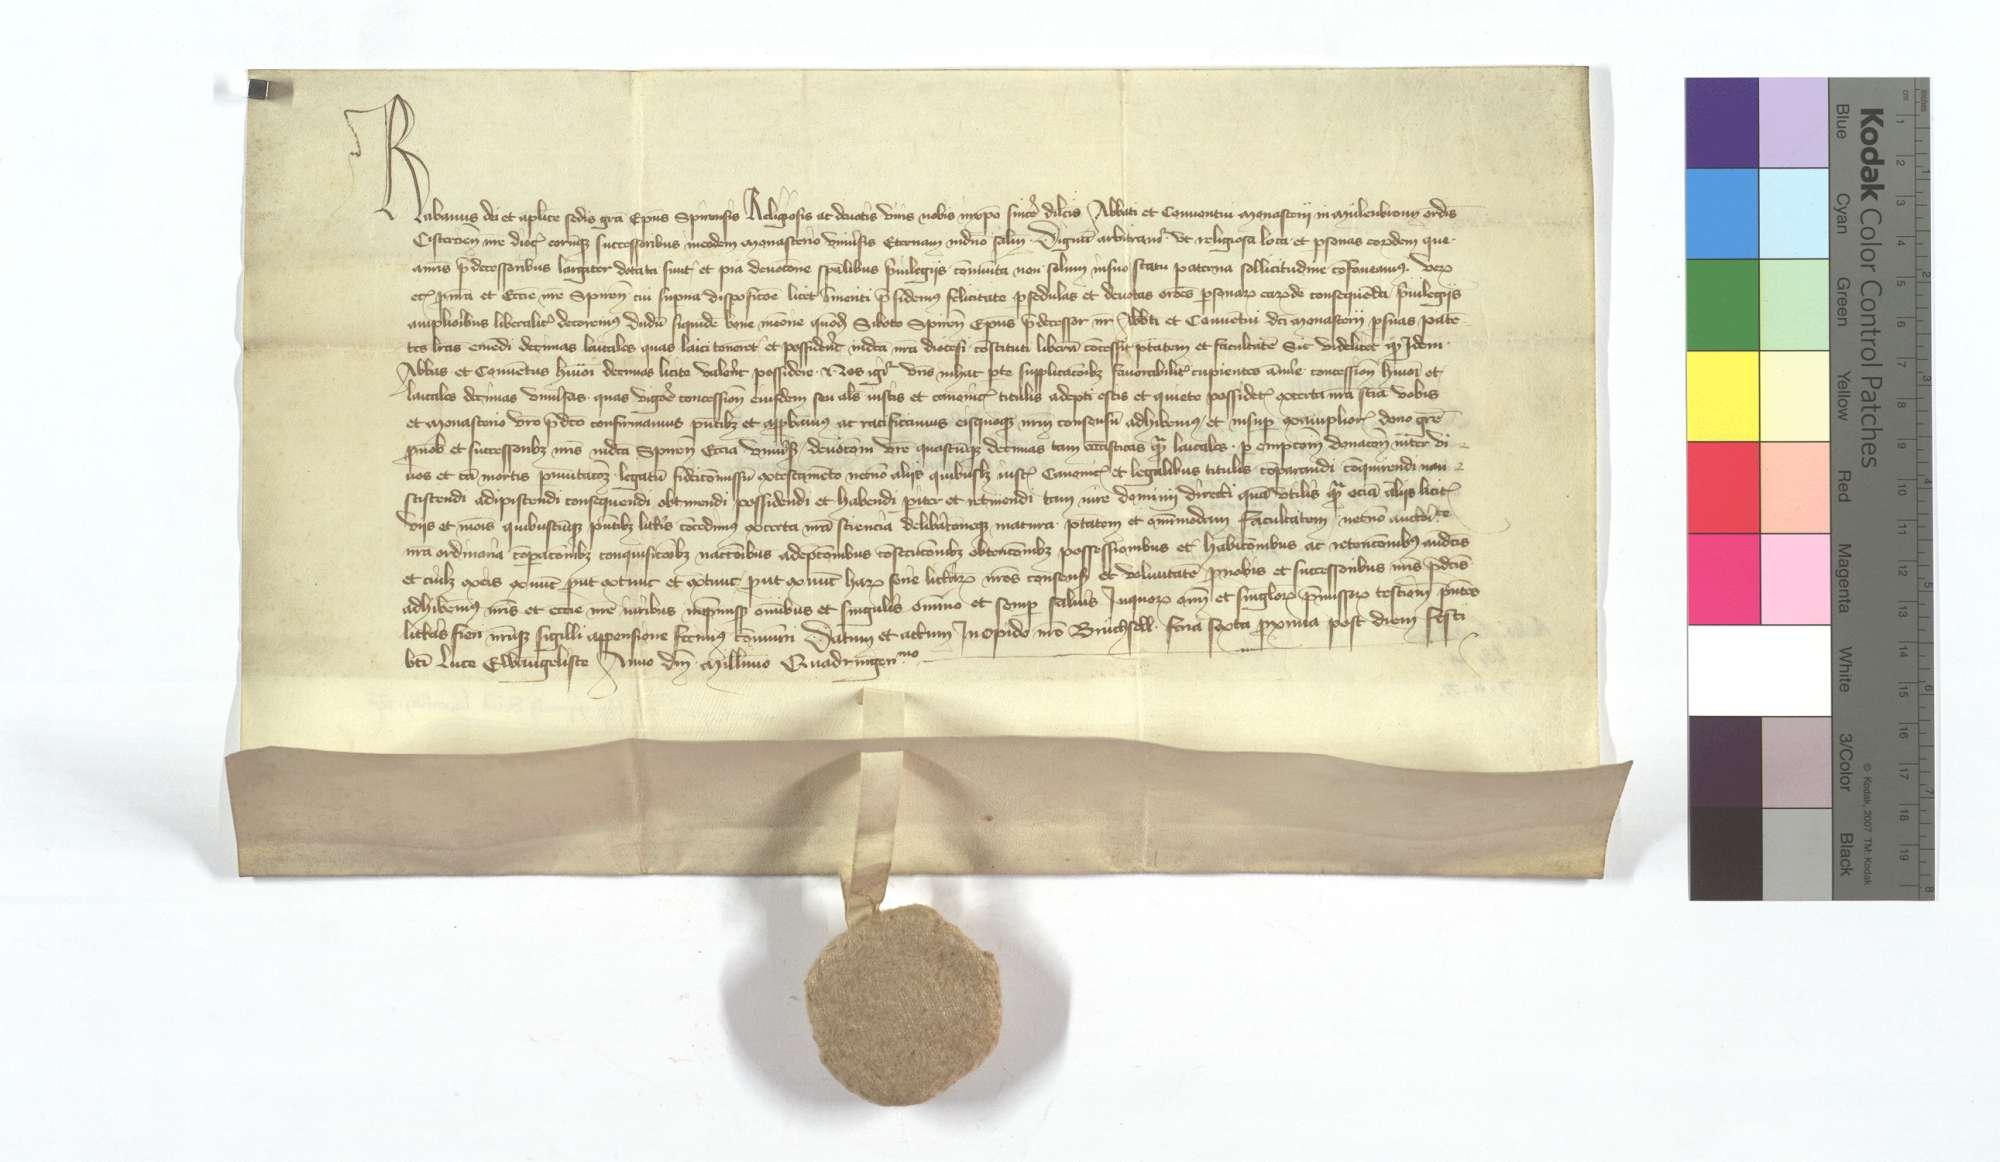 Bischof Raban von Speyer bestätigt seines Vorgängers, Bischof Sibotho, dem Kloster Maulbronn erteilte Freiheit, Laienzehnte an sich zu bringen., Text